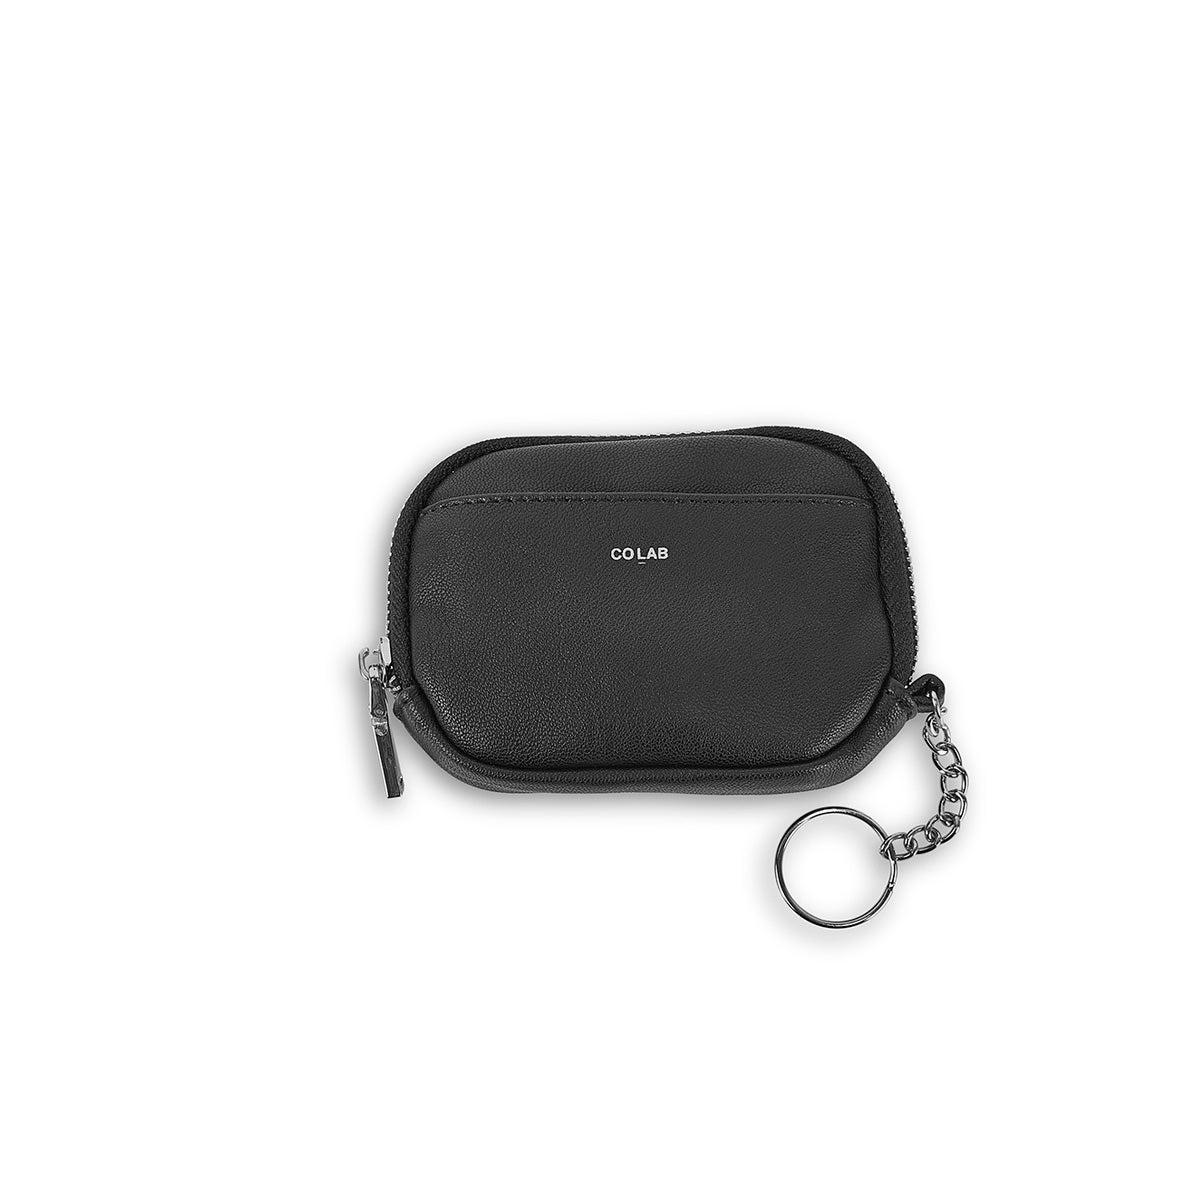 Porte-cartes/portefeuille/clés 6427, noir, femmes